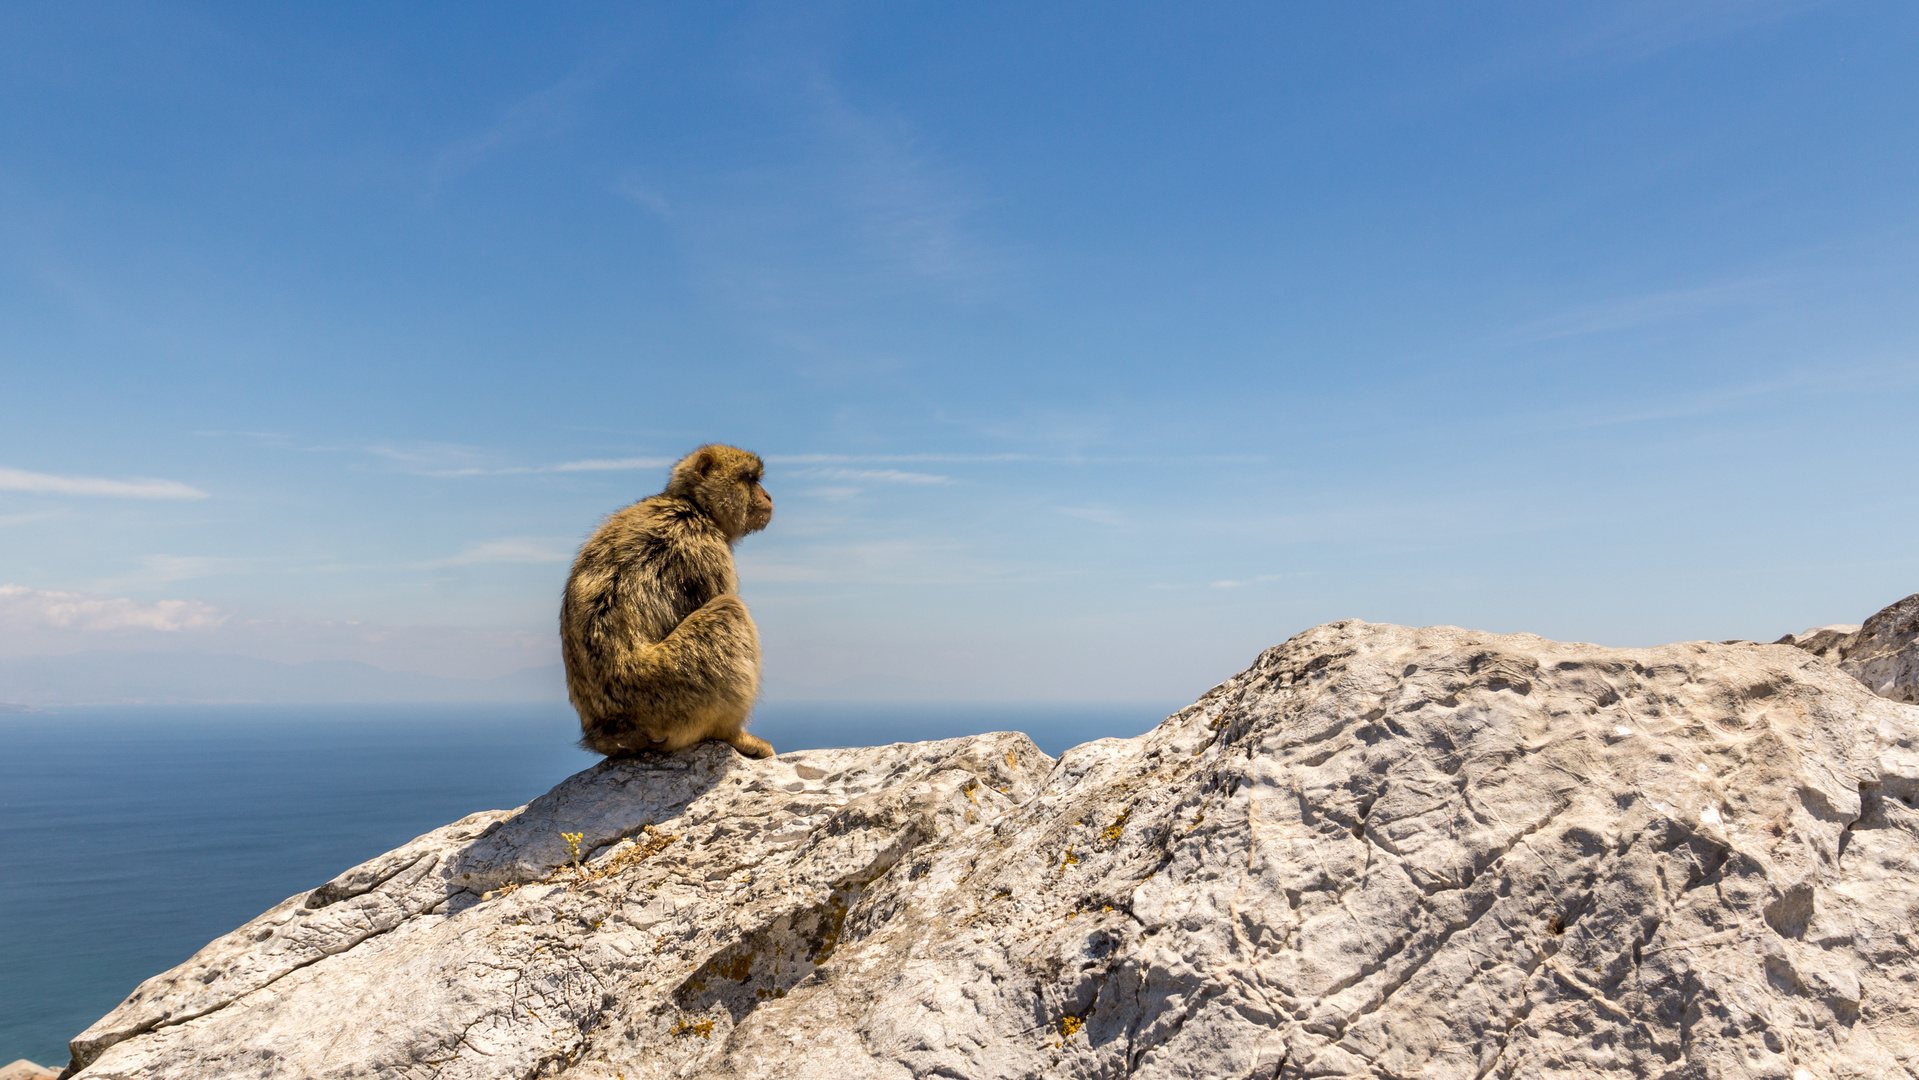 Affe auf Fels sitzend in Gibraltar